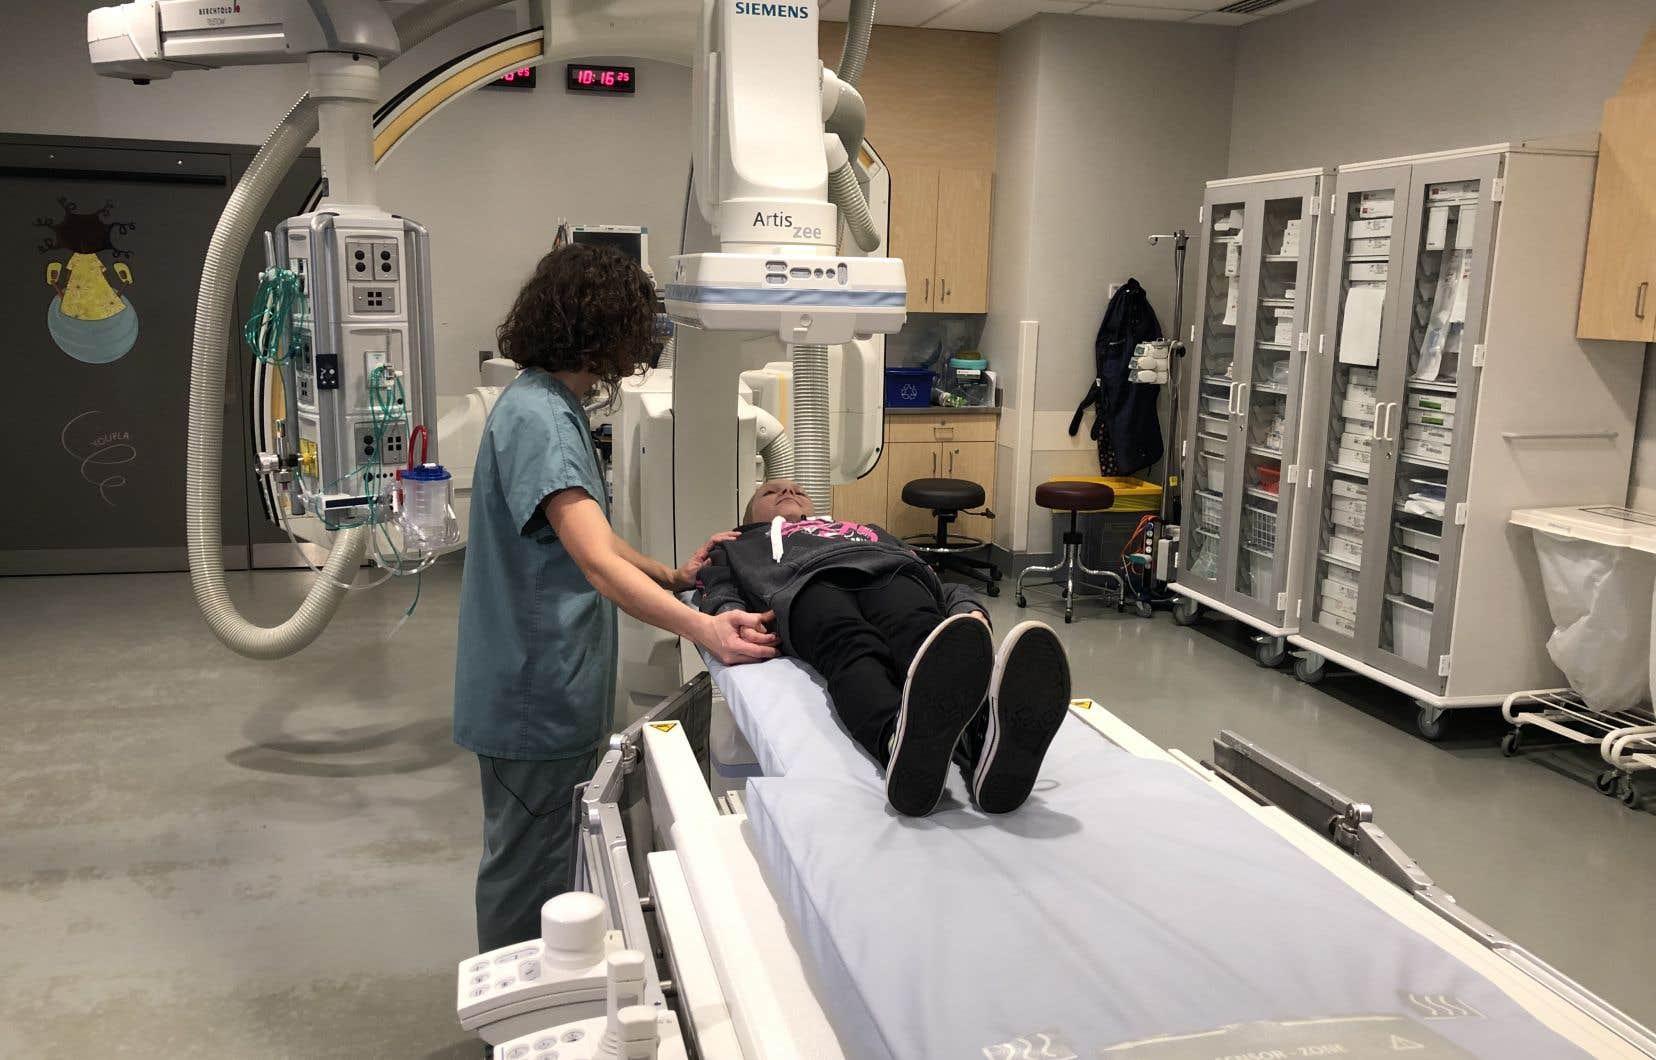 La jeune patiente est étendue et la technologue en imagerie médicale, formée à l'hypnose, se met à raconter une histoire à l'enfant, une histoire qui se poursuivra durant toute l'opération.